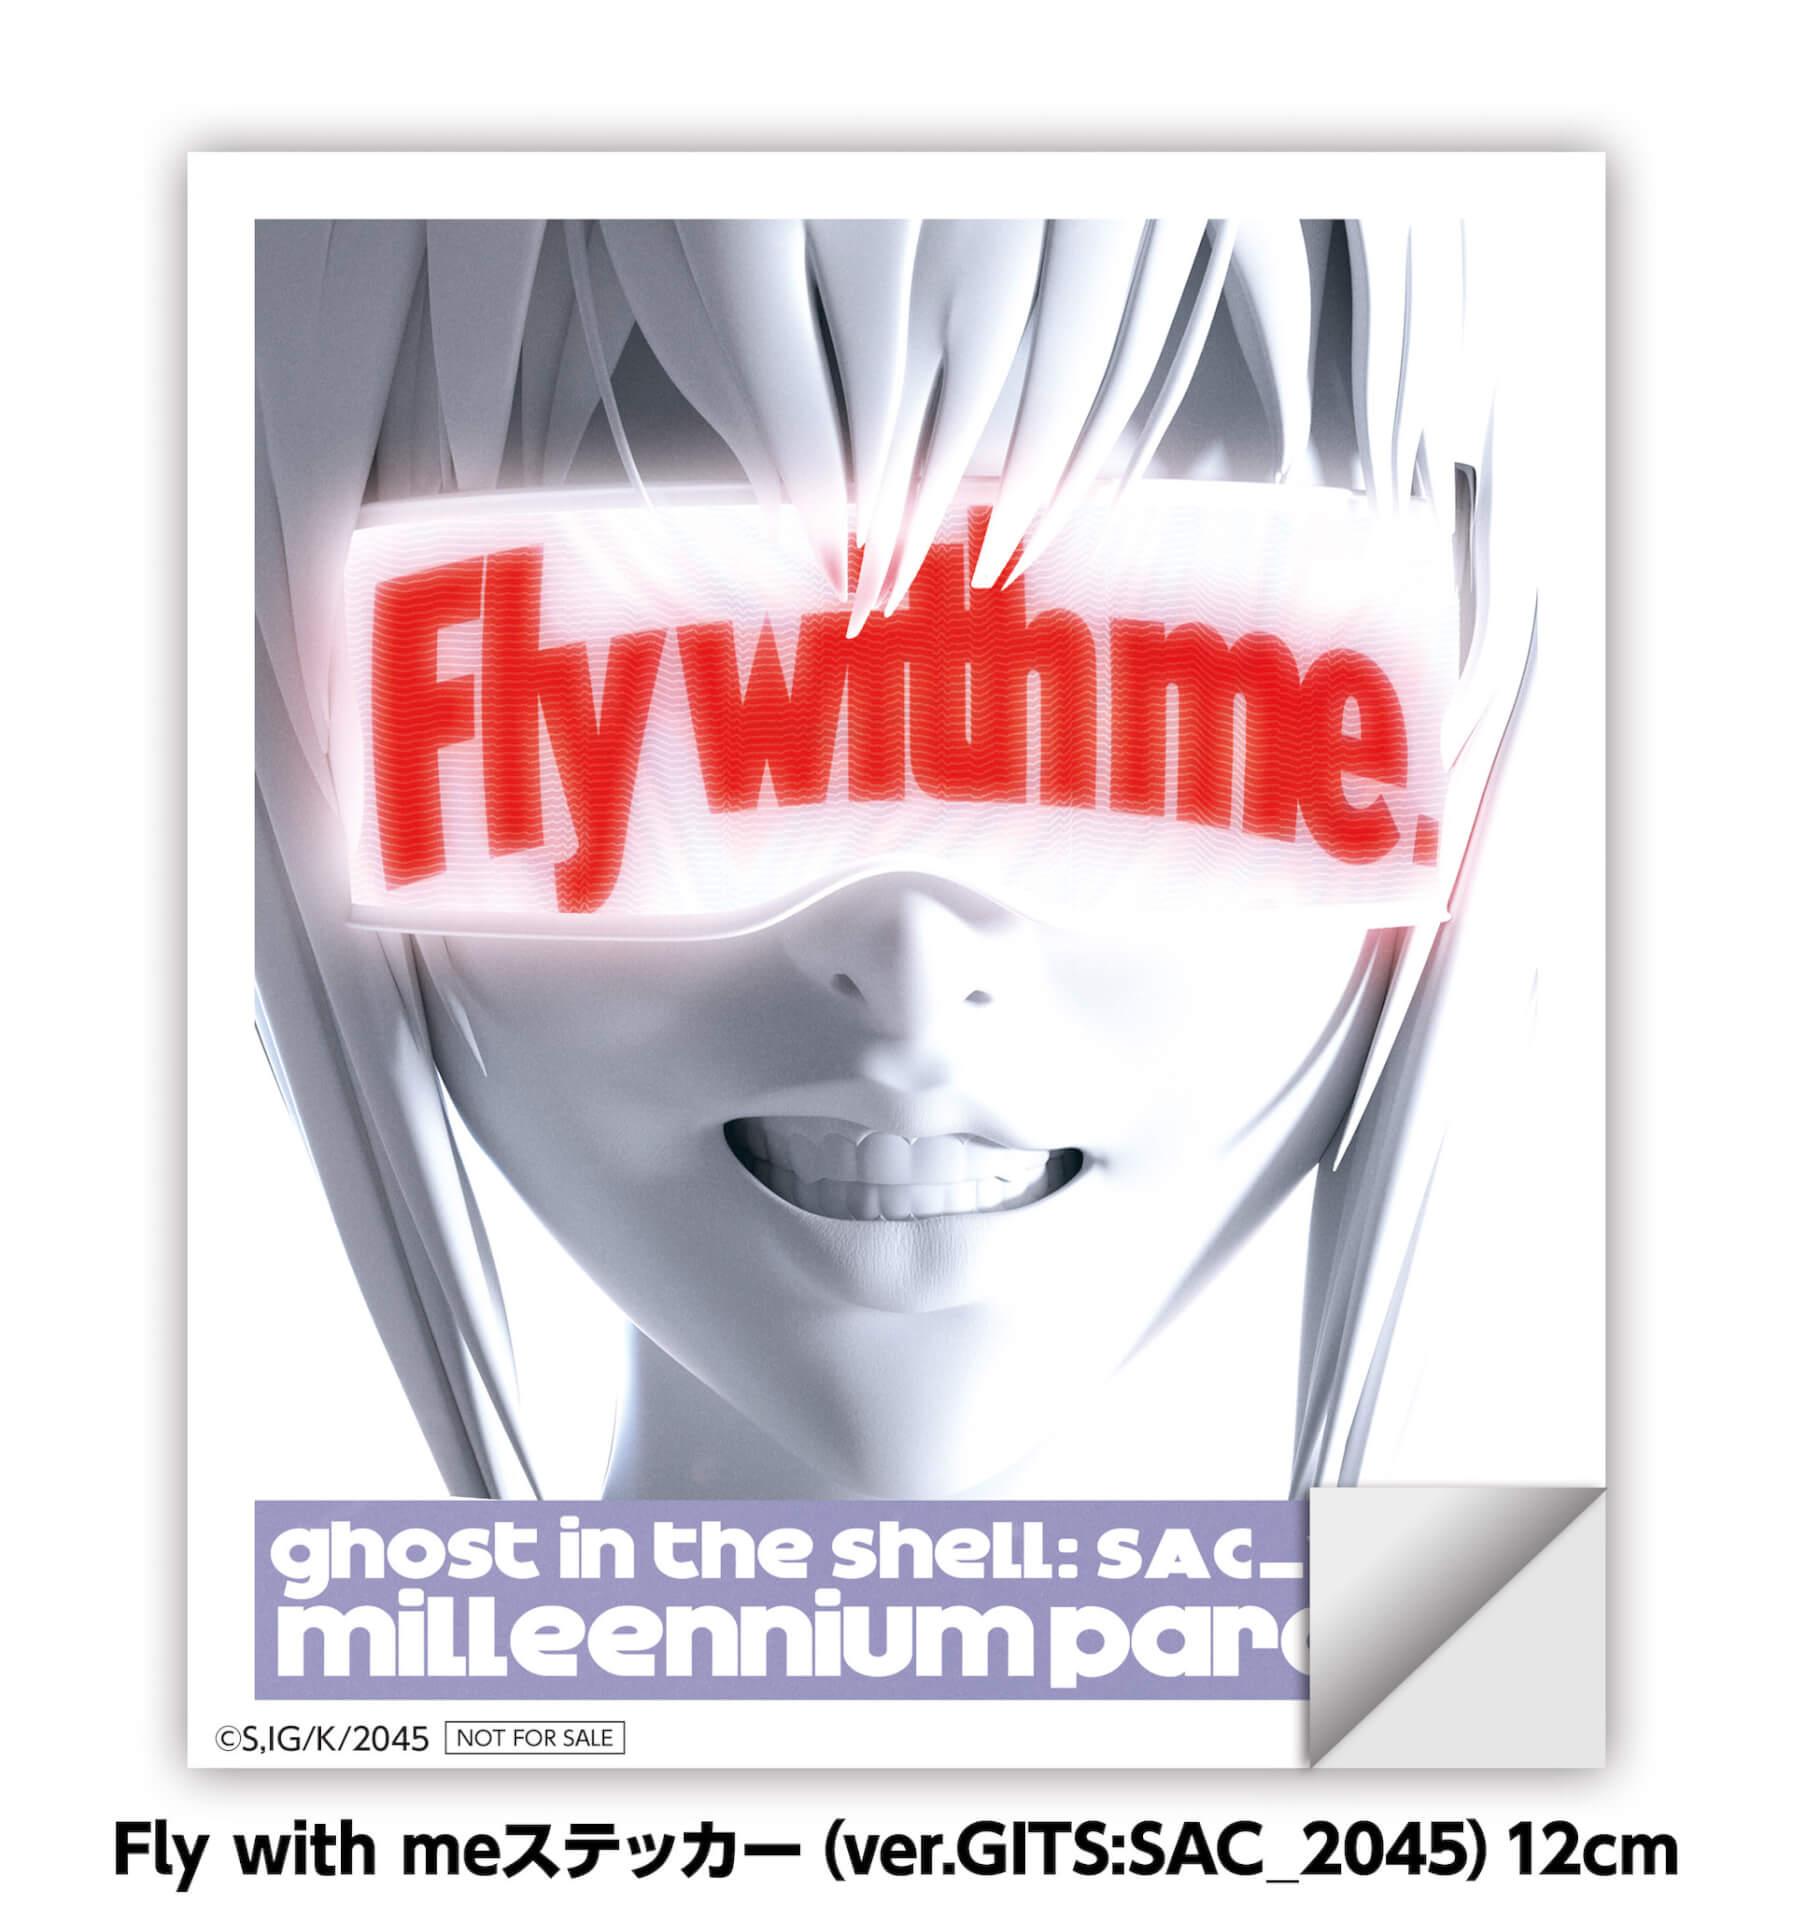 millennium paradeの攻殻機動隊テーマ「Fly with me」にSteve Aokiによるリミックス曲が収録決定!初ワンマンライブの音源も収録 art200330_ghostintheshell_tsuneda_10